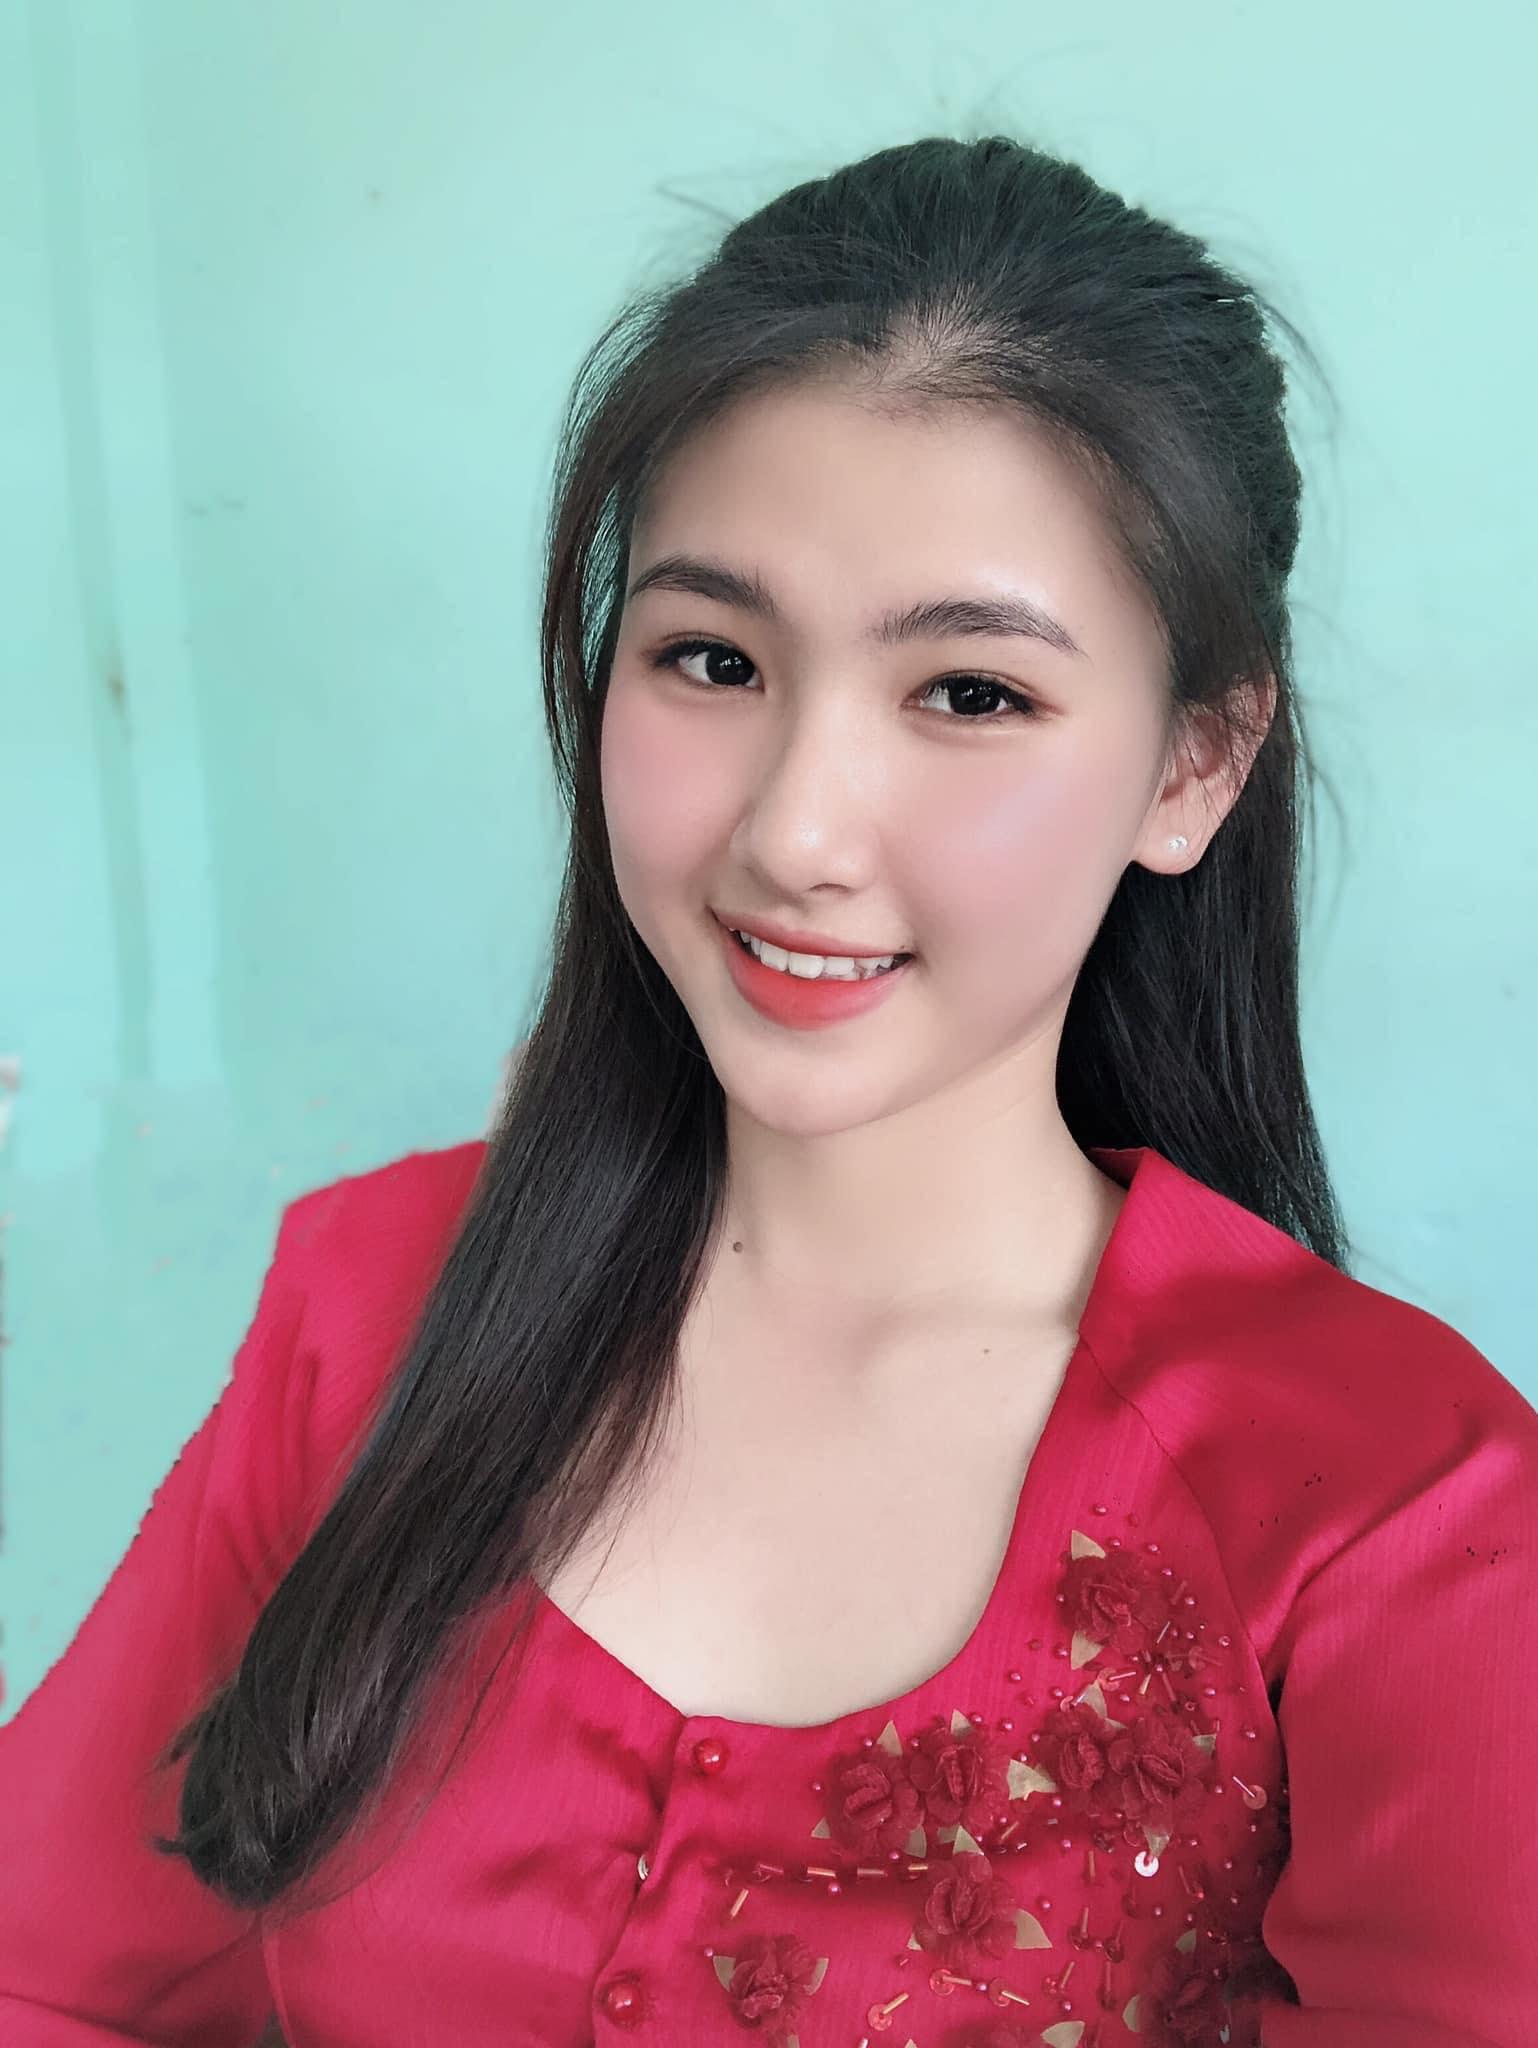 Nữ sinh miền gái đẹp Cần Thơ gây chú ý vì quá xinh tại Hoa hậu Thế giới Việt Nam - hình ảnh 3